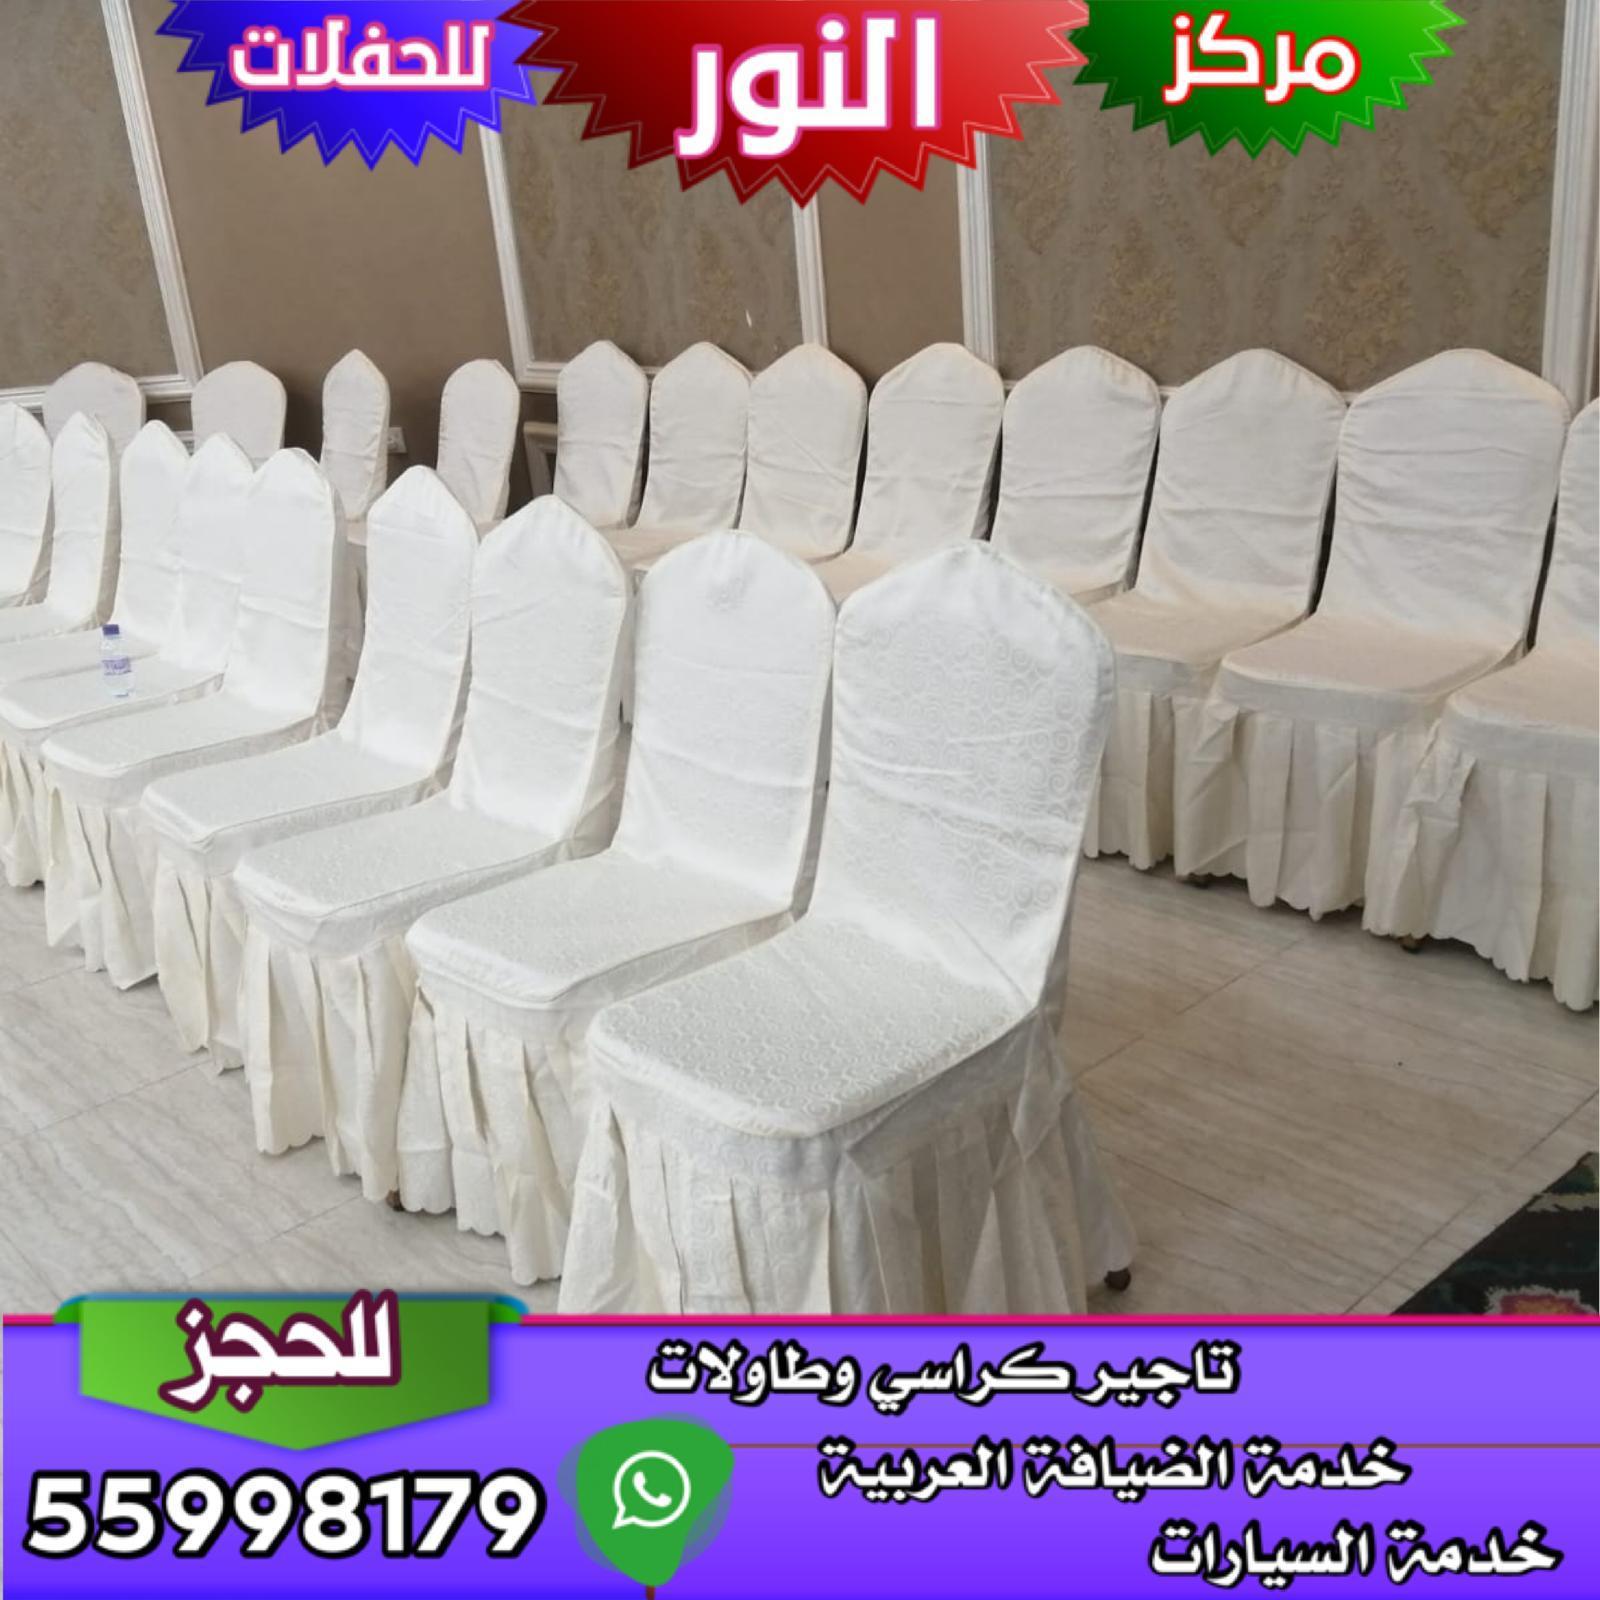 خدمه تفتيش تلفونات الكويت